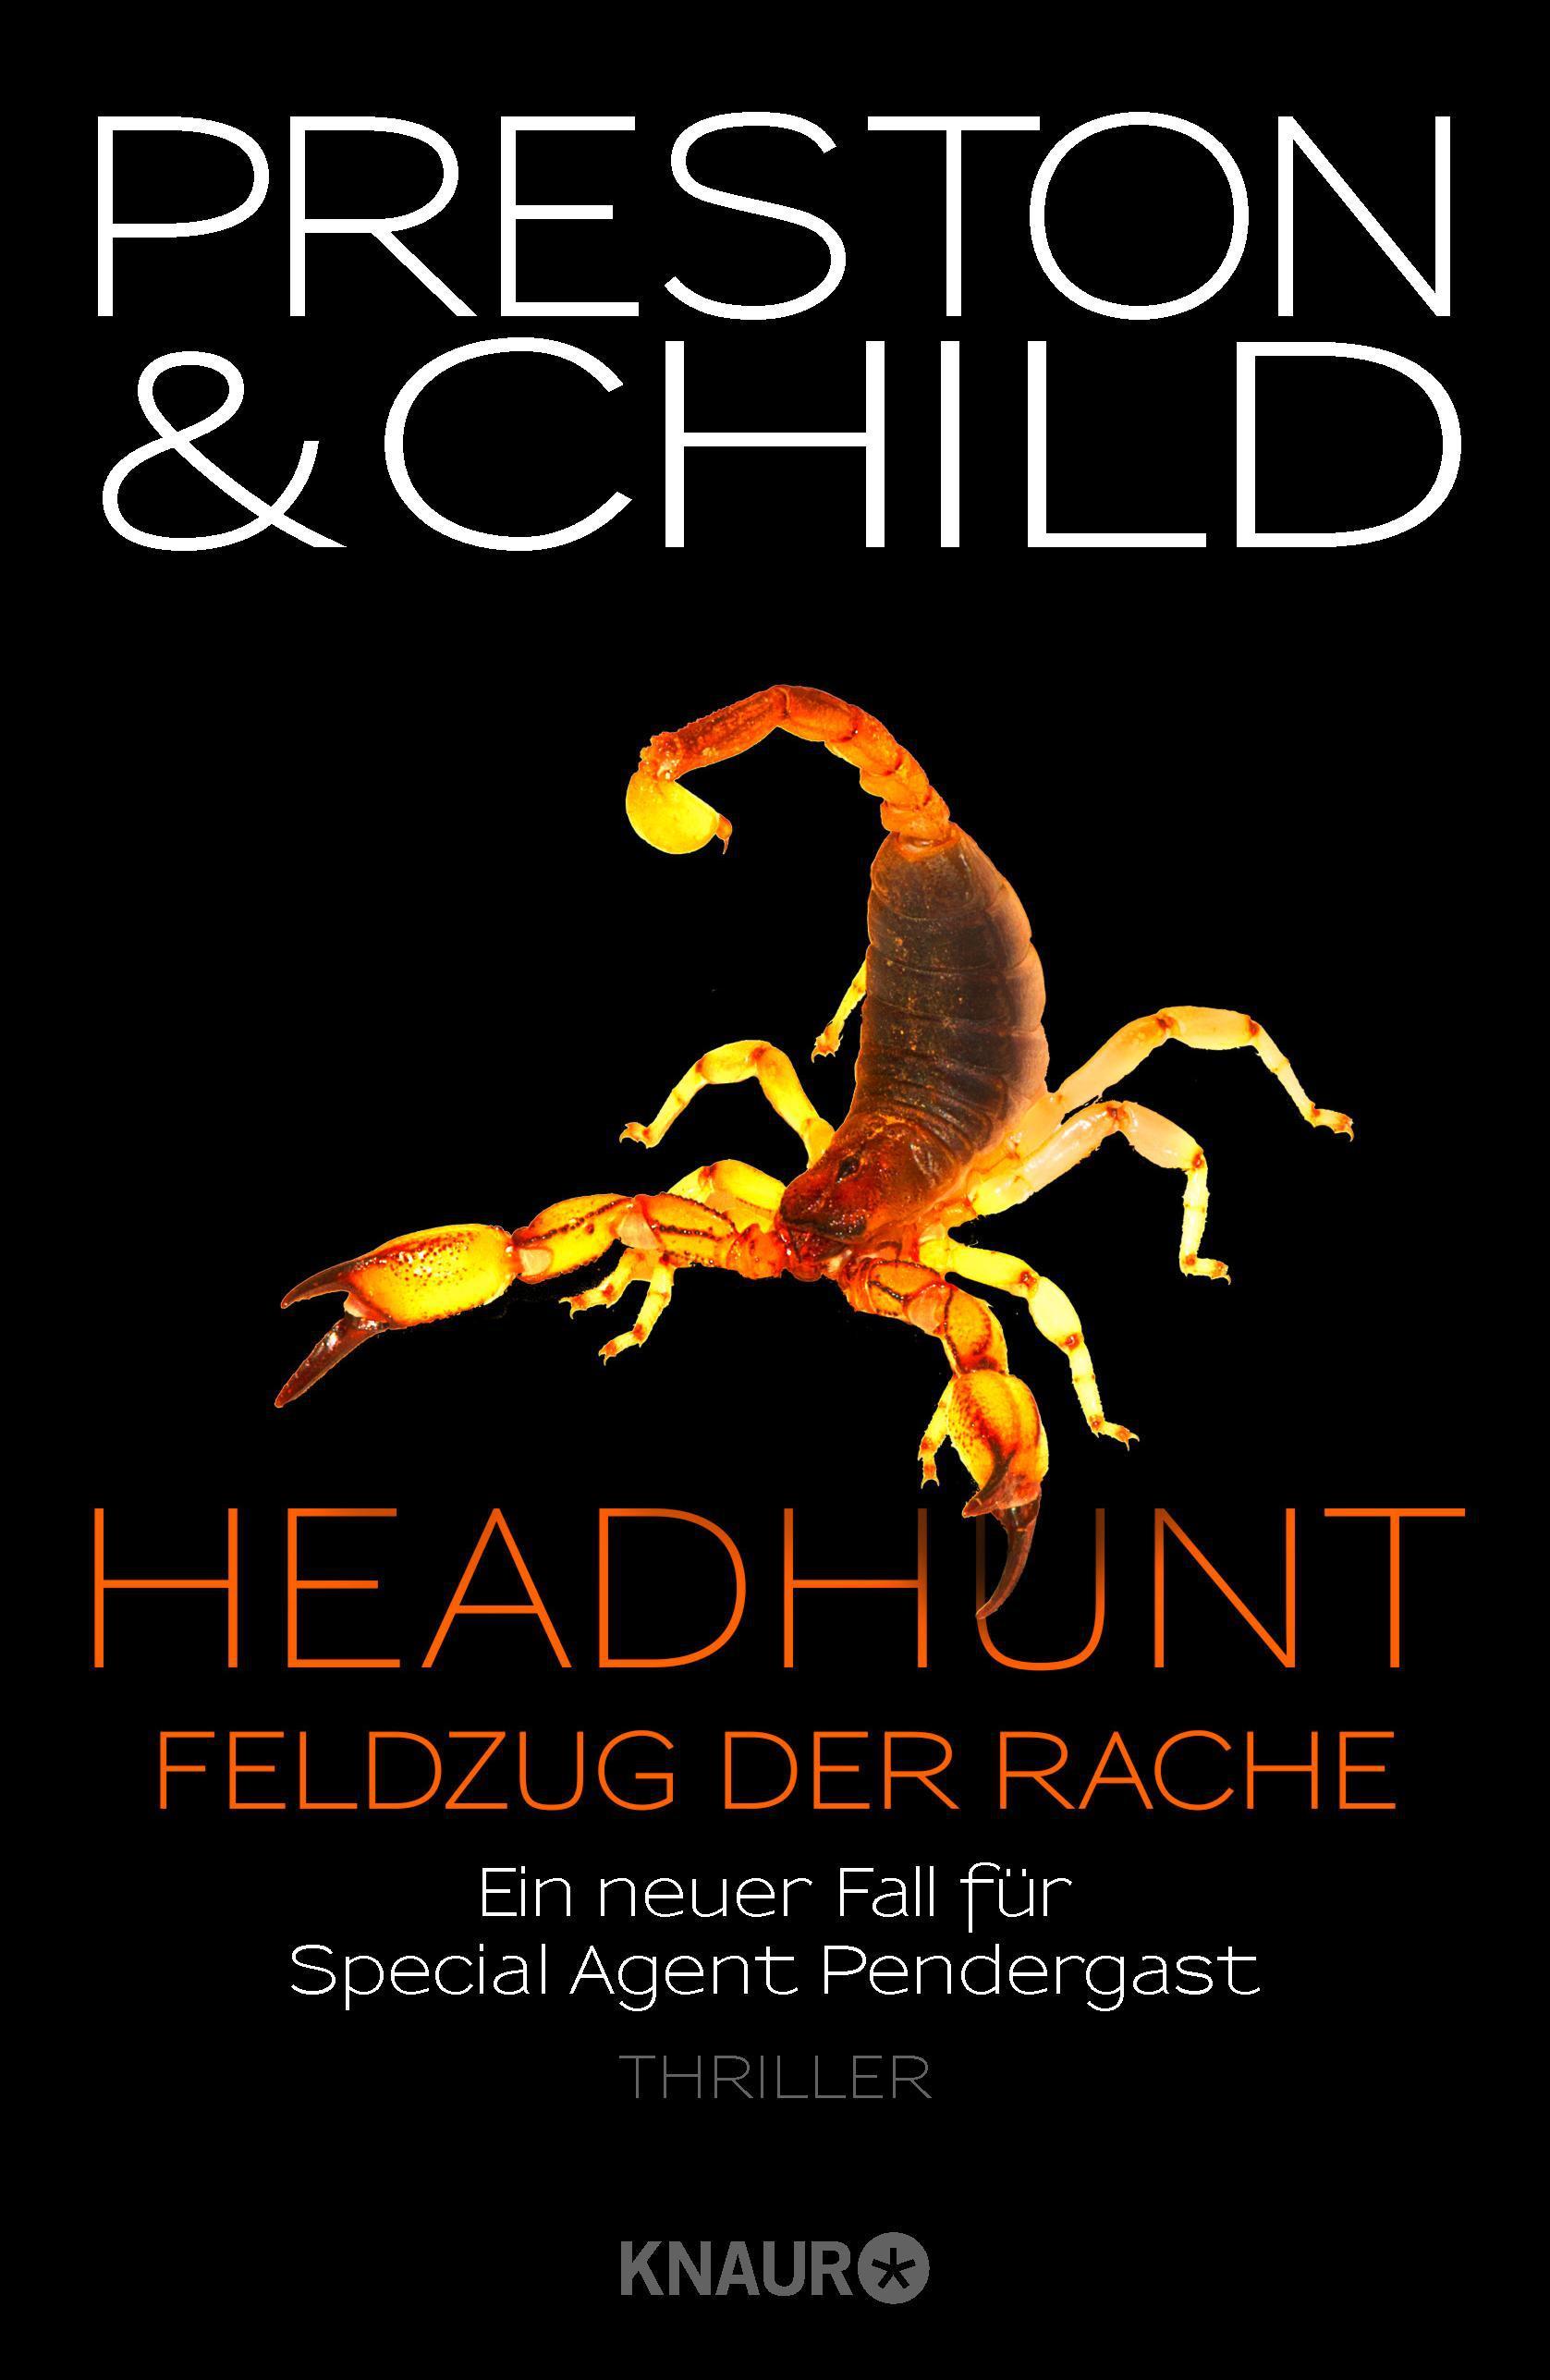 """Rezension: """"Headhunt - Feldzug der Rache"""" von Douglas Preston und Lincoln Child"""